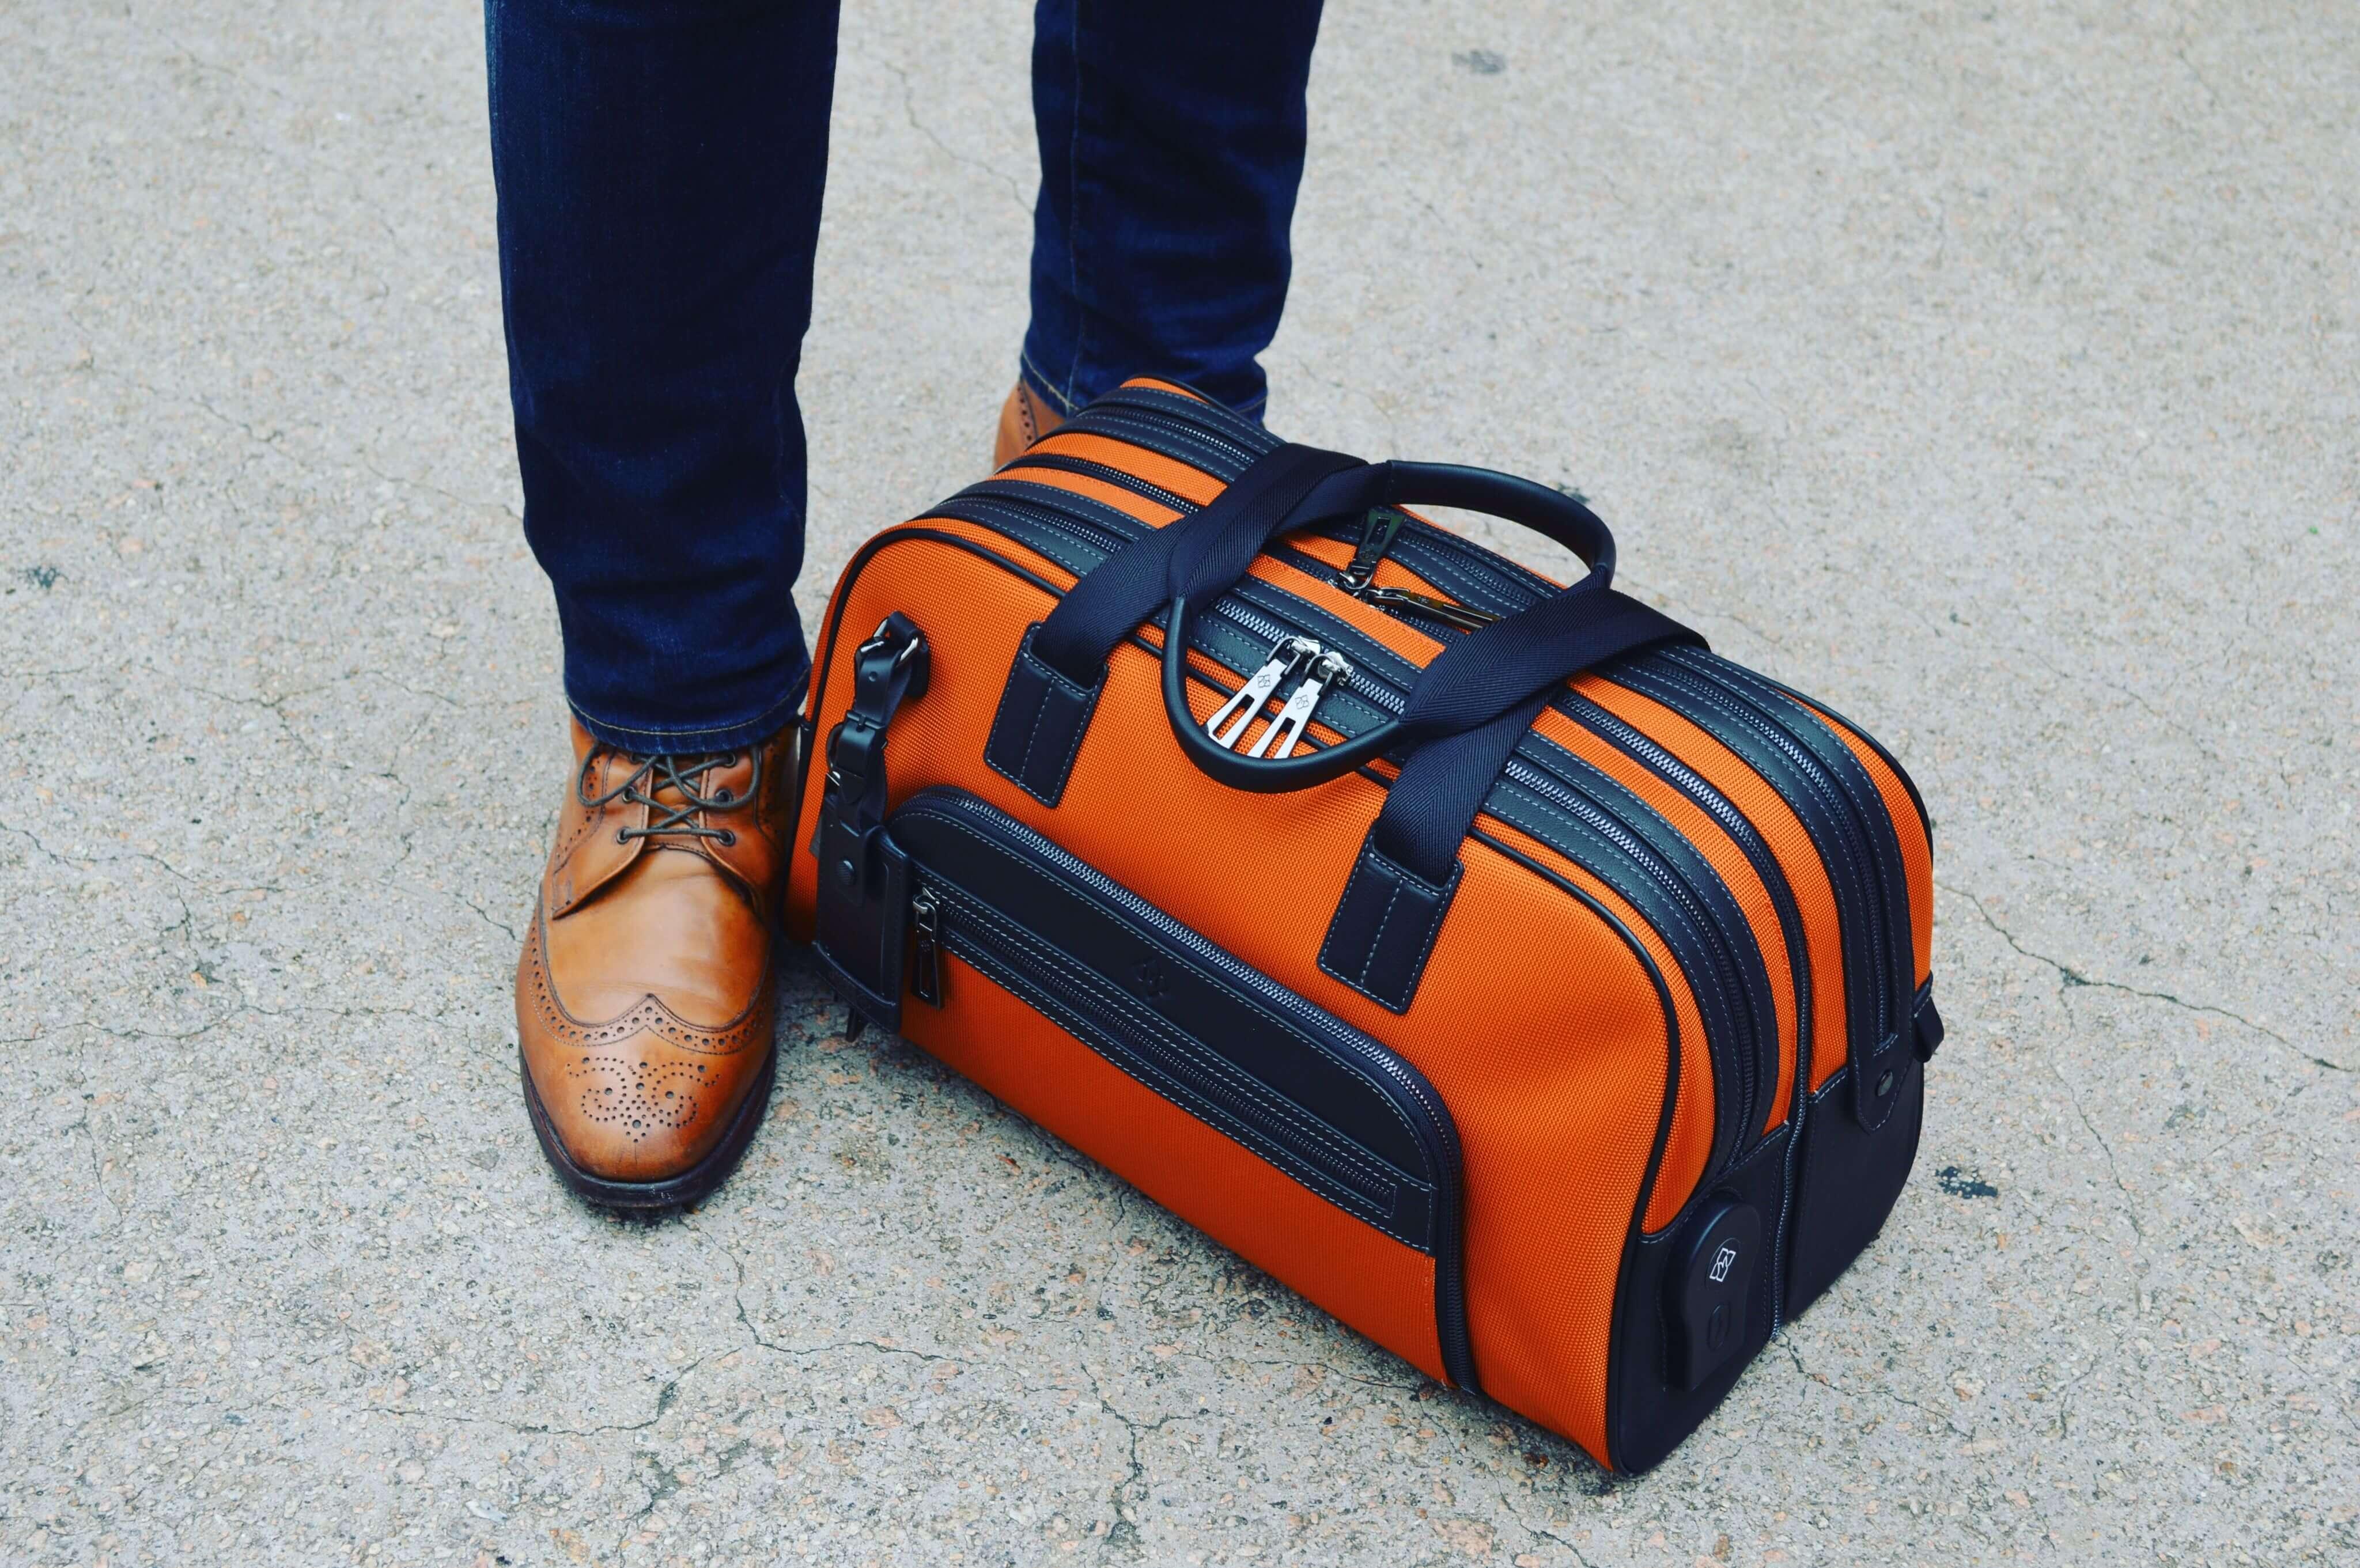 Atlas Travel Bag in Orange